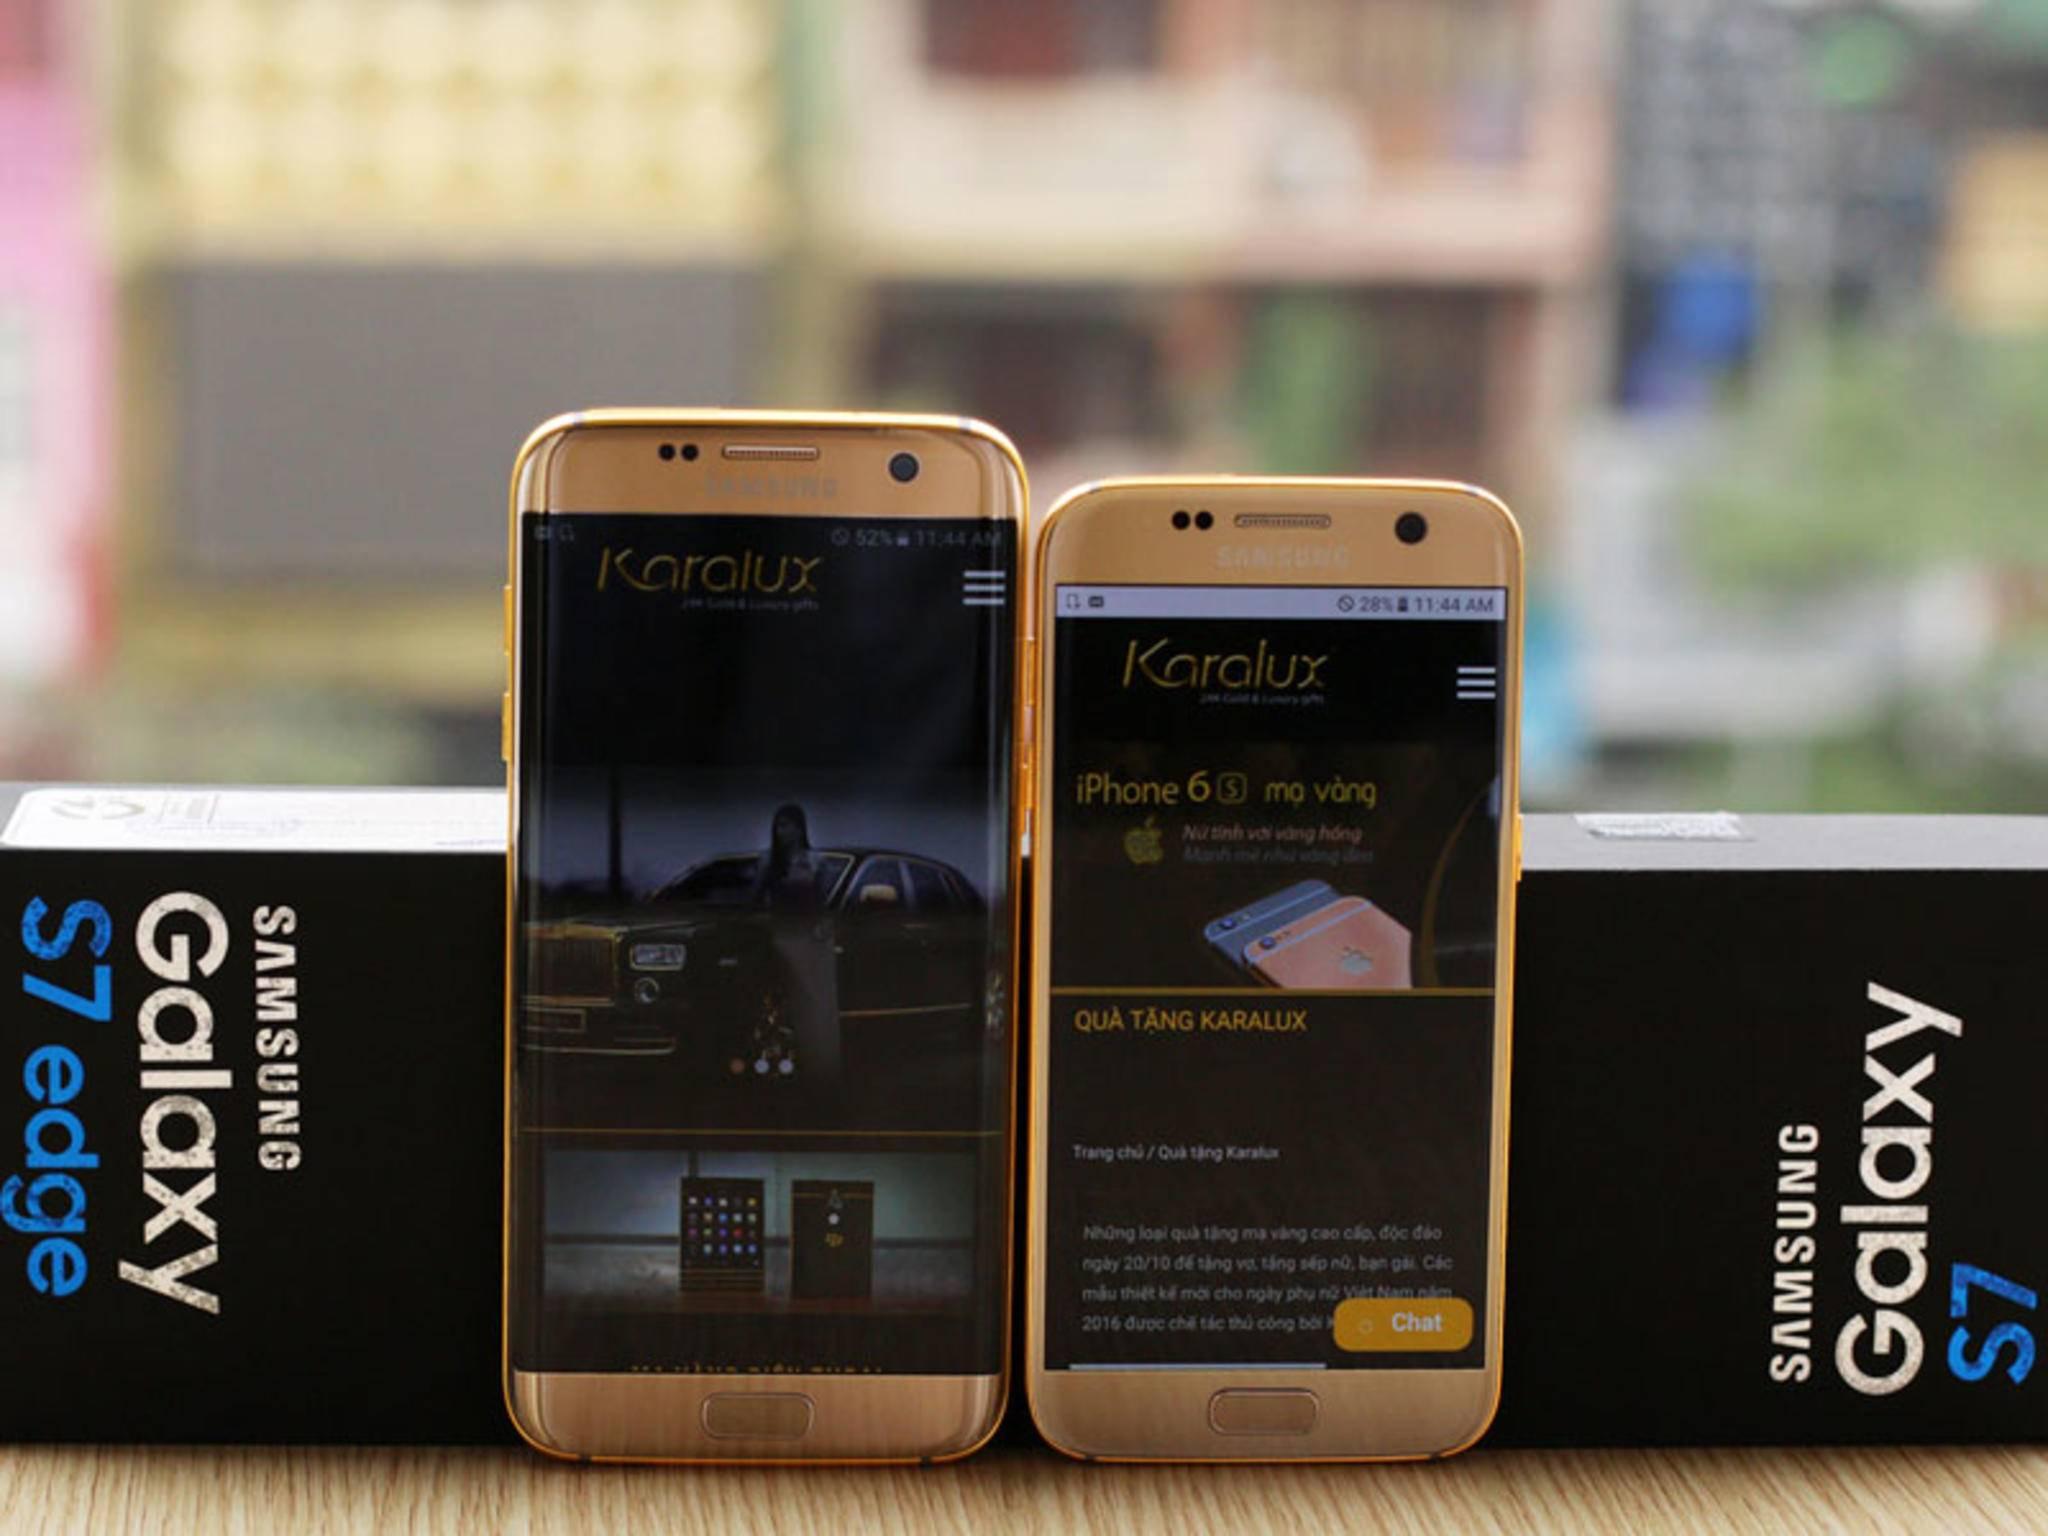 Wer will, kann eine Gold-Variante des Galaxy S7 erwerben.